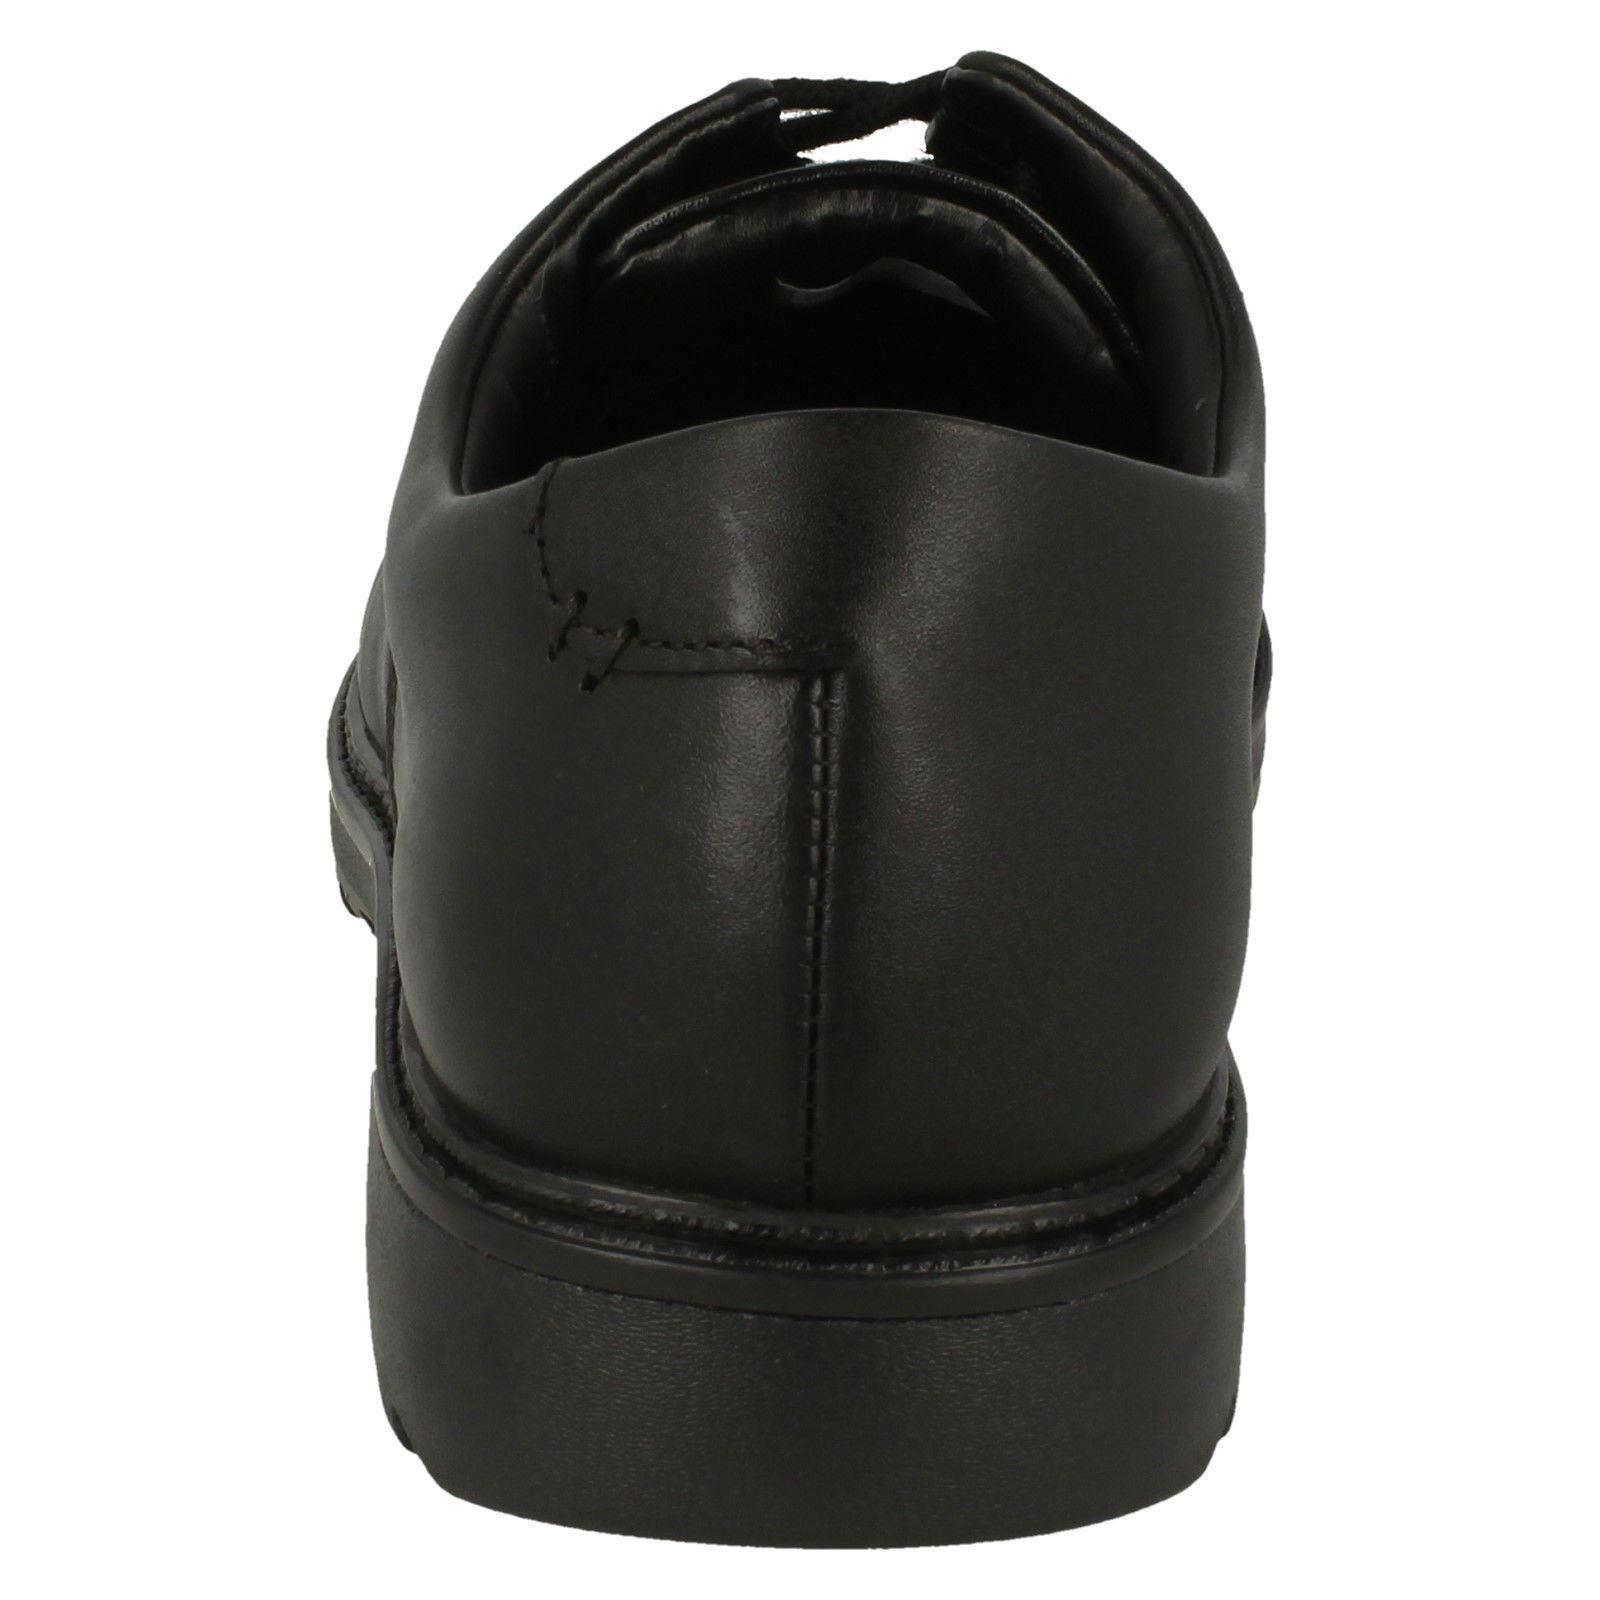 Grove Clarks formales con niños Black cordones Asher Zapatos para 0wgtq0C